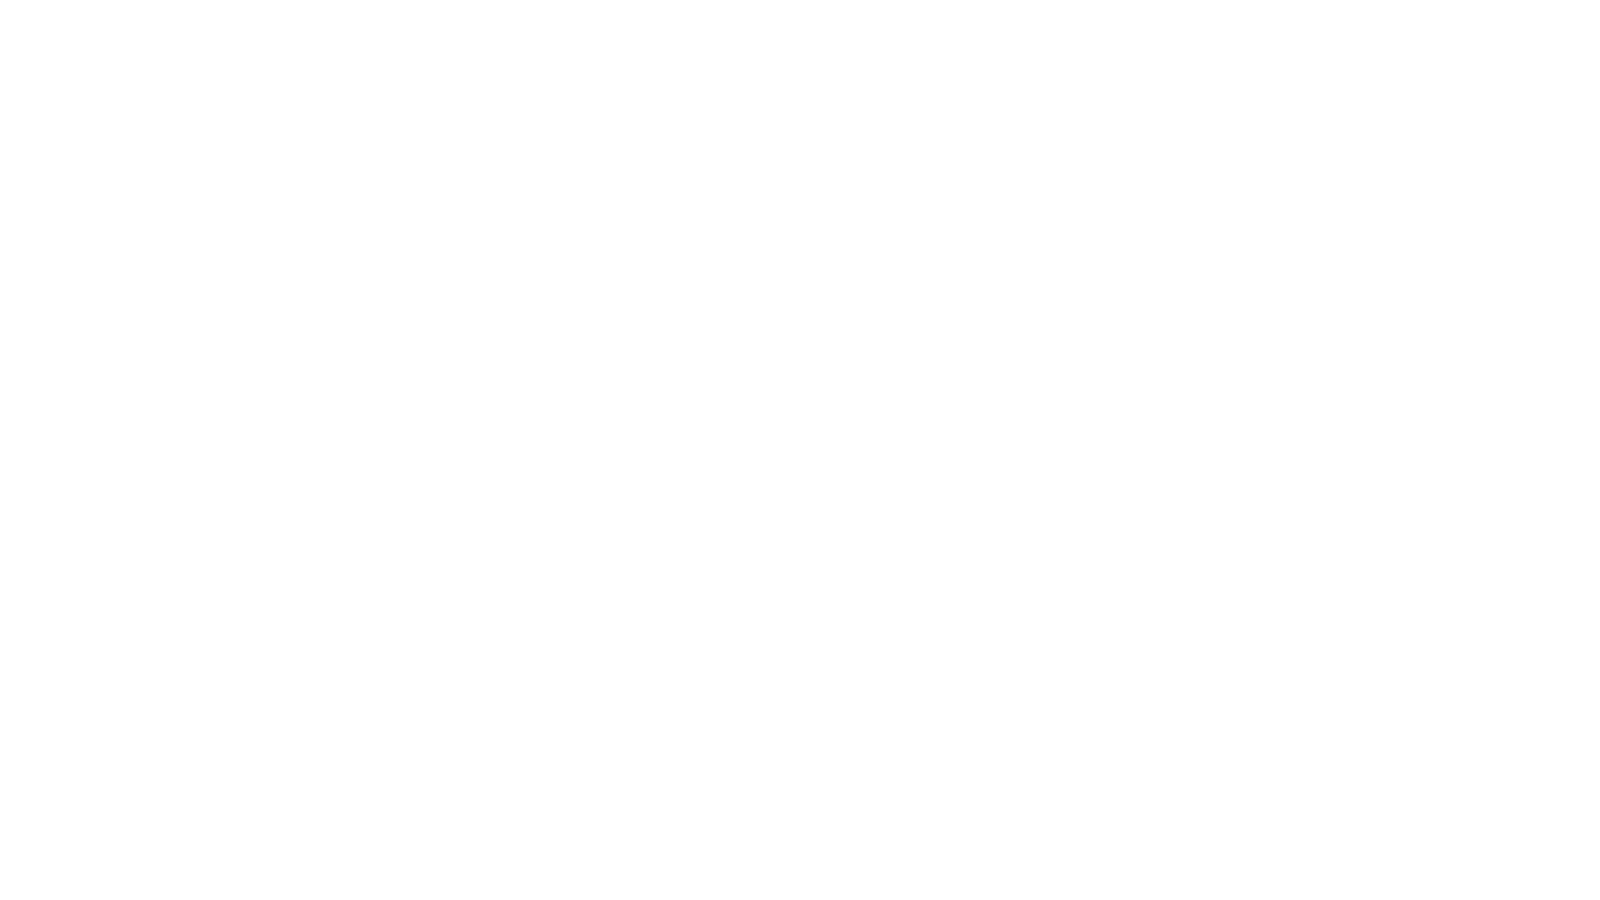 Está no ar mais um episódio da série NAGOMA, gravado em 2017 no Downtown em Santo André, banhado nas frequências de experimentação livre, com vocês: SIXX4SIXX (Tijolo Records) em uma intervenção de samples, releituras, sonhos e beats autorais.  • FICHA TÉCNICA produção executiva :: SID SASSI produção audiovisual :: GABRIEL ALEXANDRE imagens: LEANDRO FIRMINO, THIAGO SILVA, GABRIEL ALEXANDRE, SID SASSI agradecimentos: DIEGO RODRIGUEZ, RODOLFO DE ASSIS, MARCELO SANTOS, BRUNA DE OLIVEIRA, DOWNTOWN SA, DANONE e DJ B8.